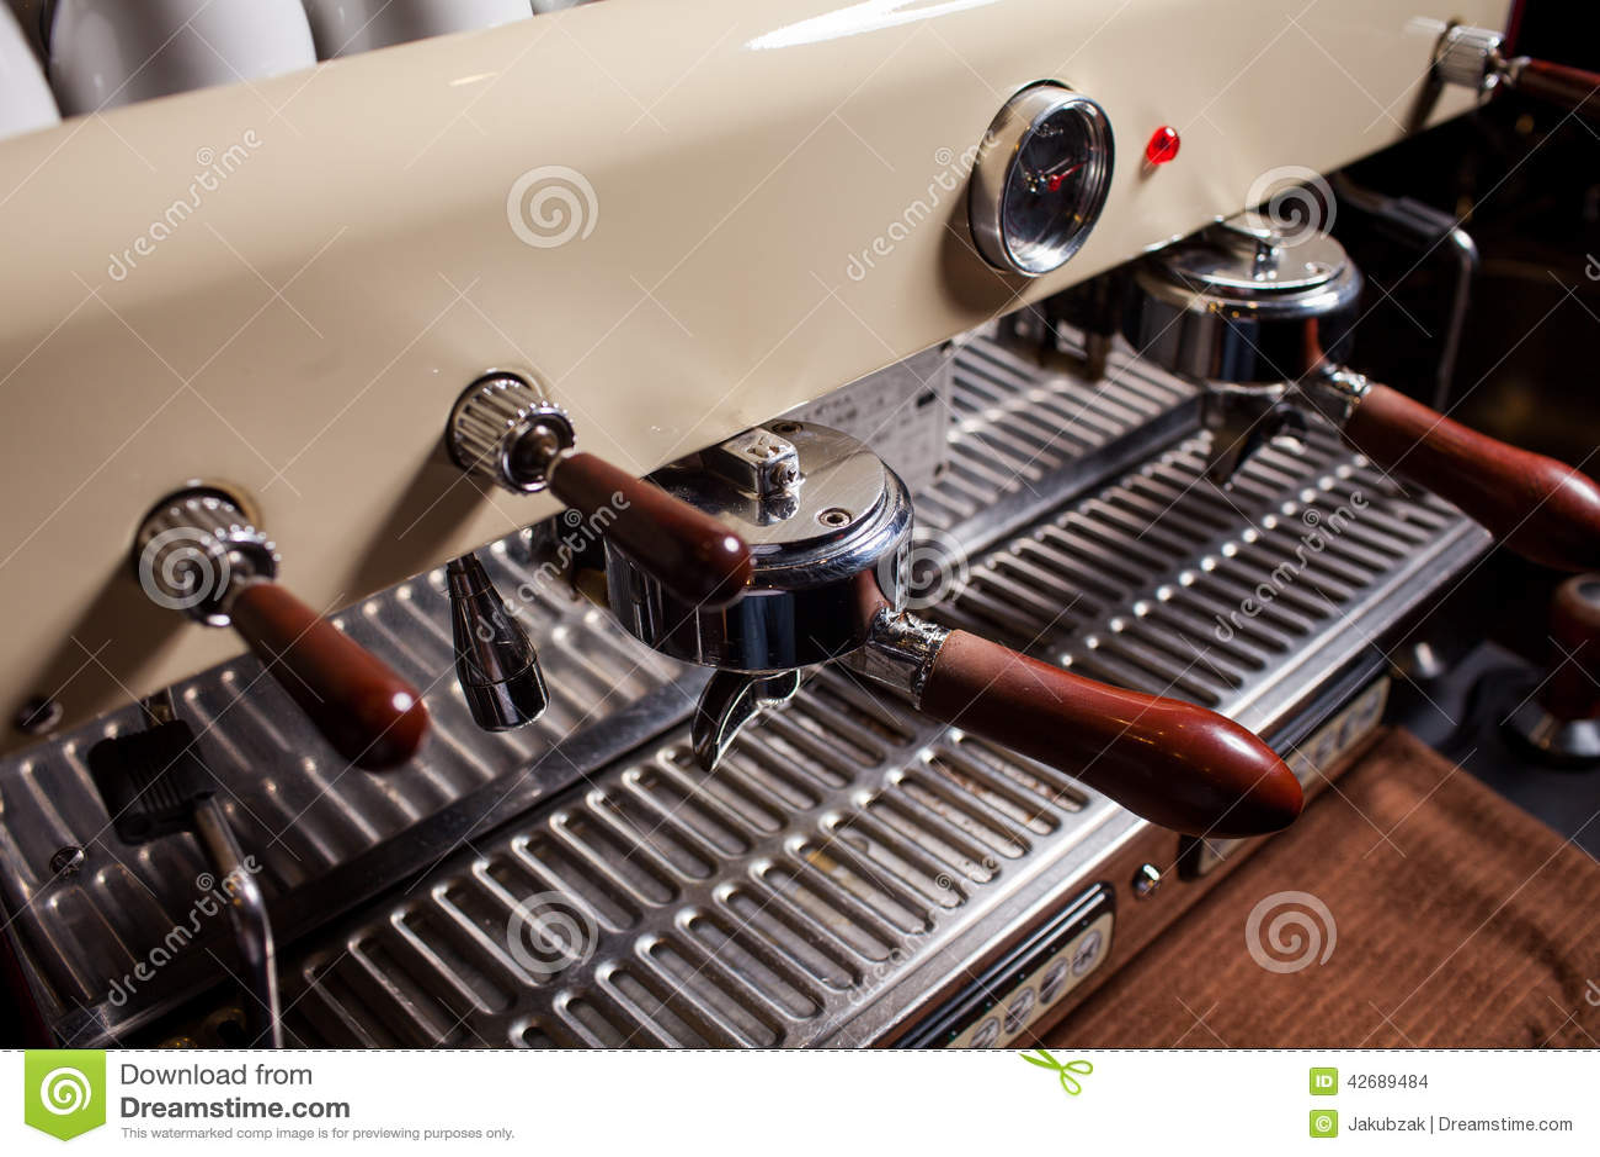 espresso machine restaurant